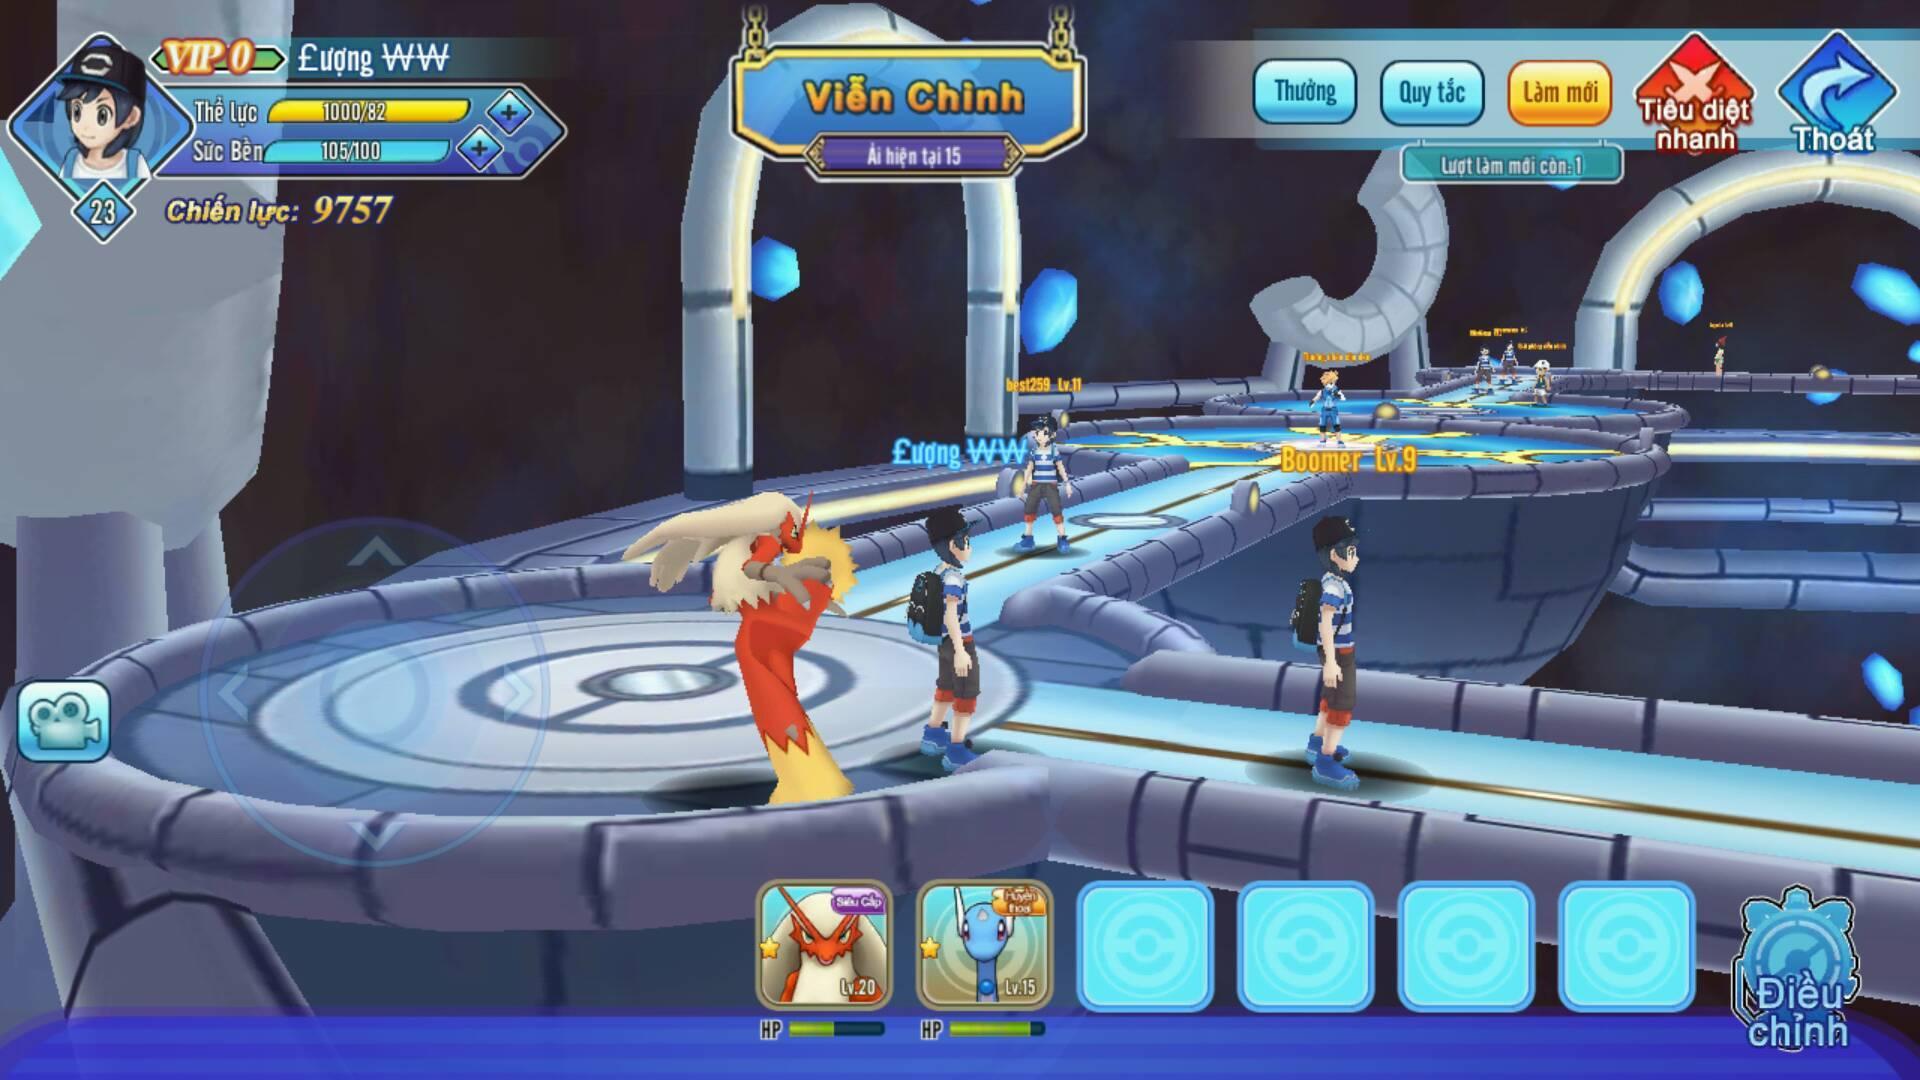 Liên Quân Poke chính là game bắt Pokemon thế giới mở đầu tiên ở Việt Nam 3